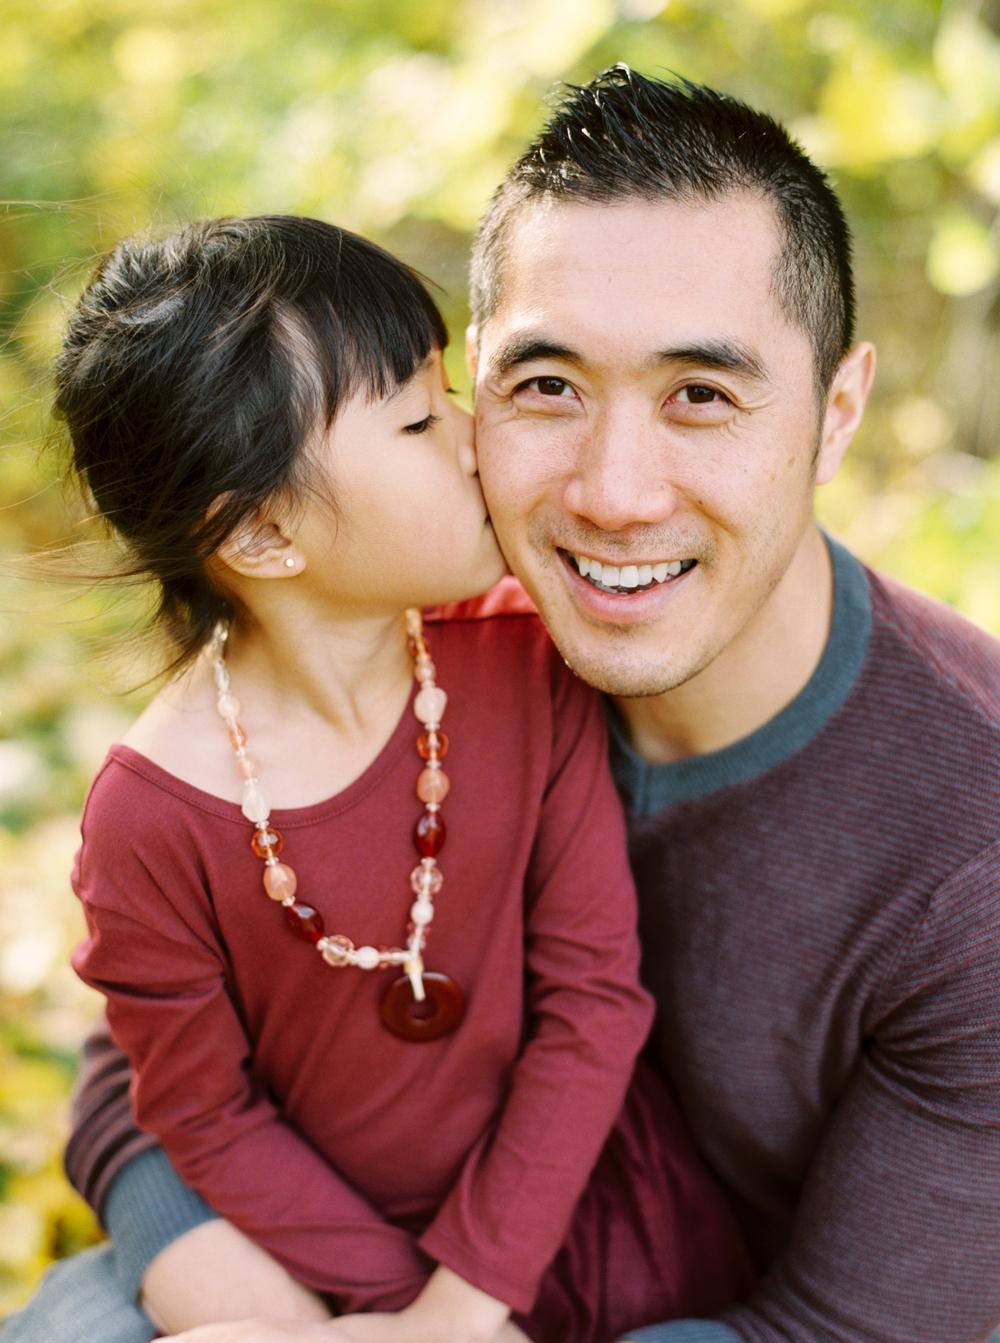 Calgary family photographers | family session | edmonton photography | fall family photos